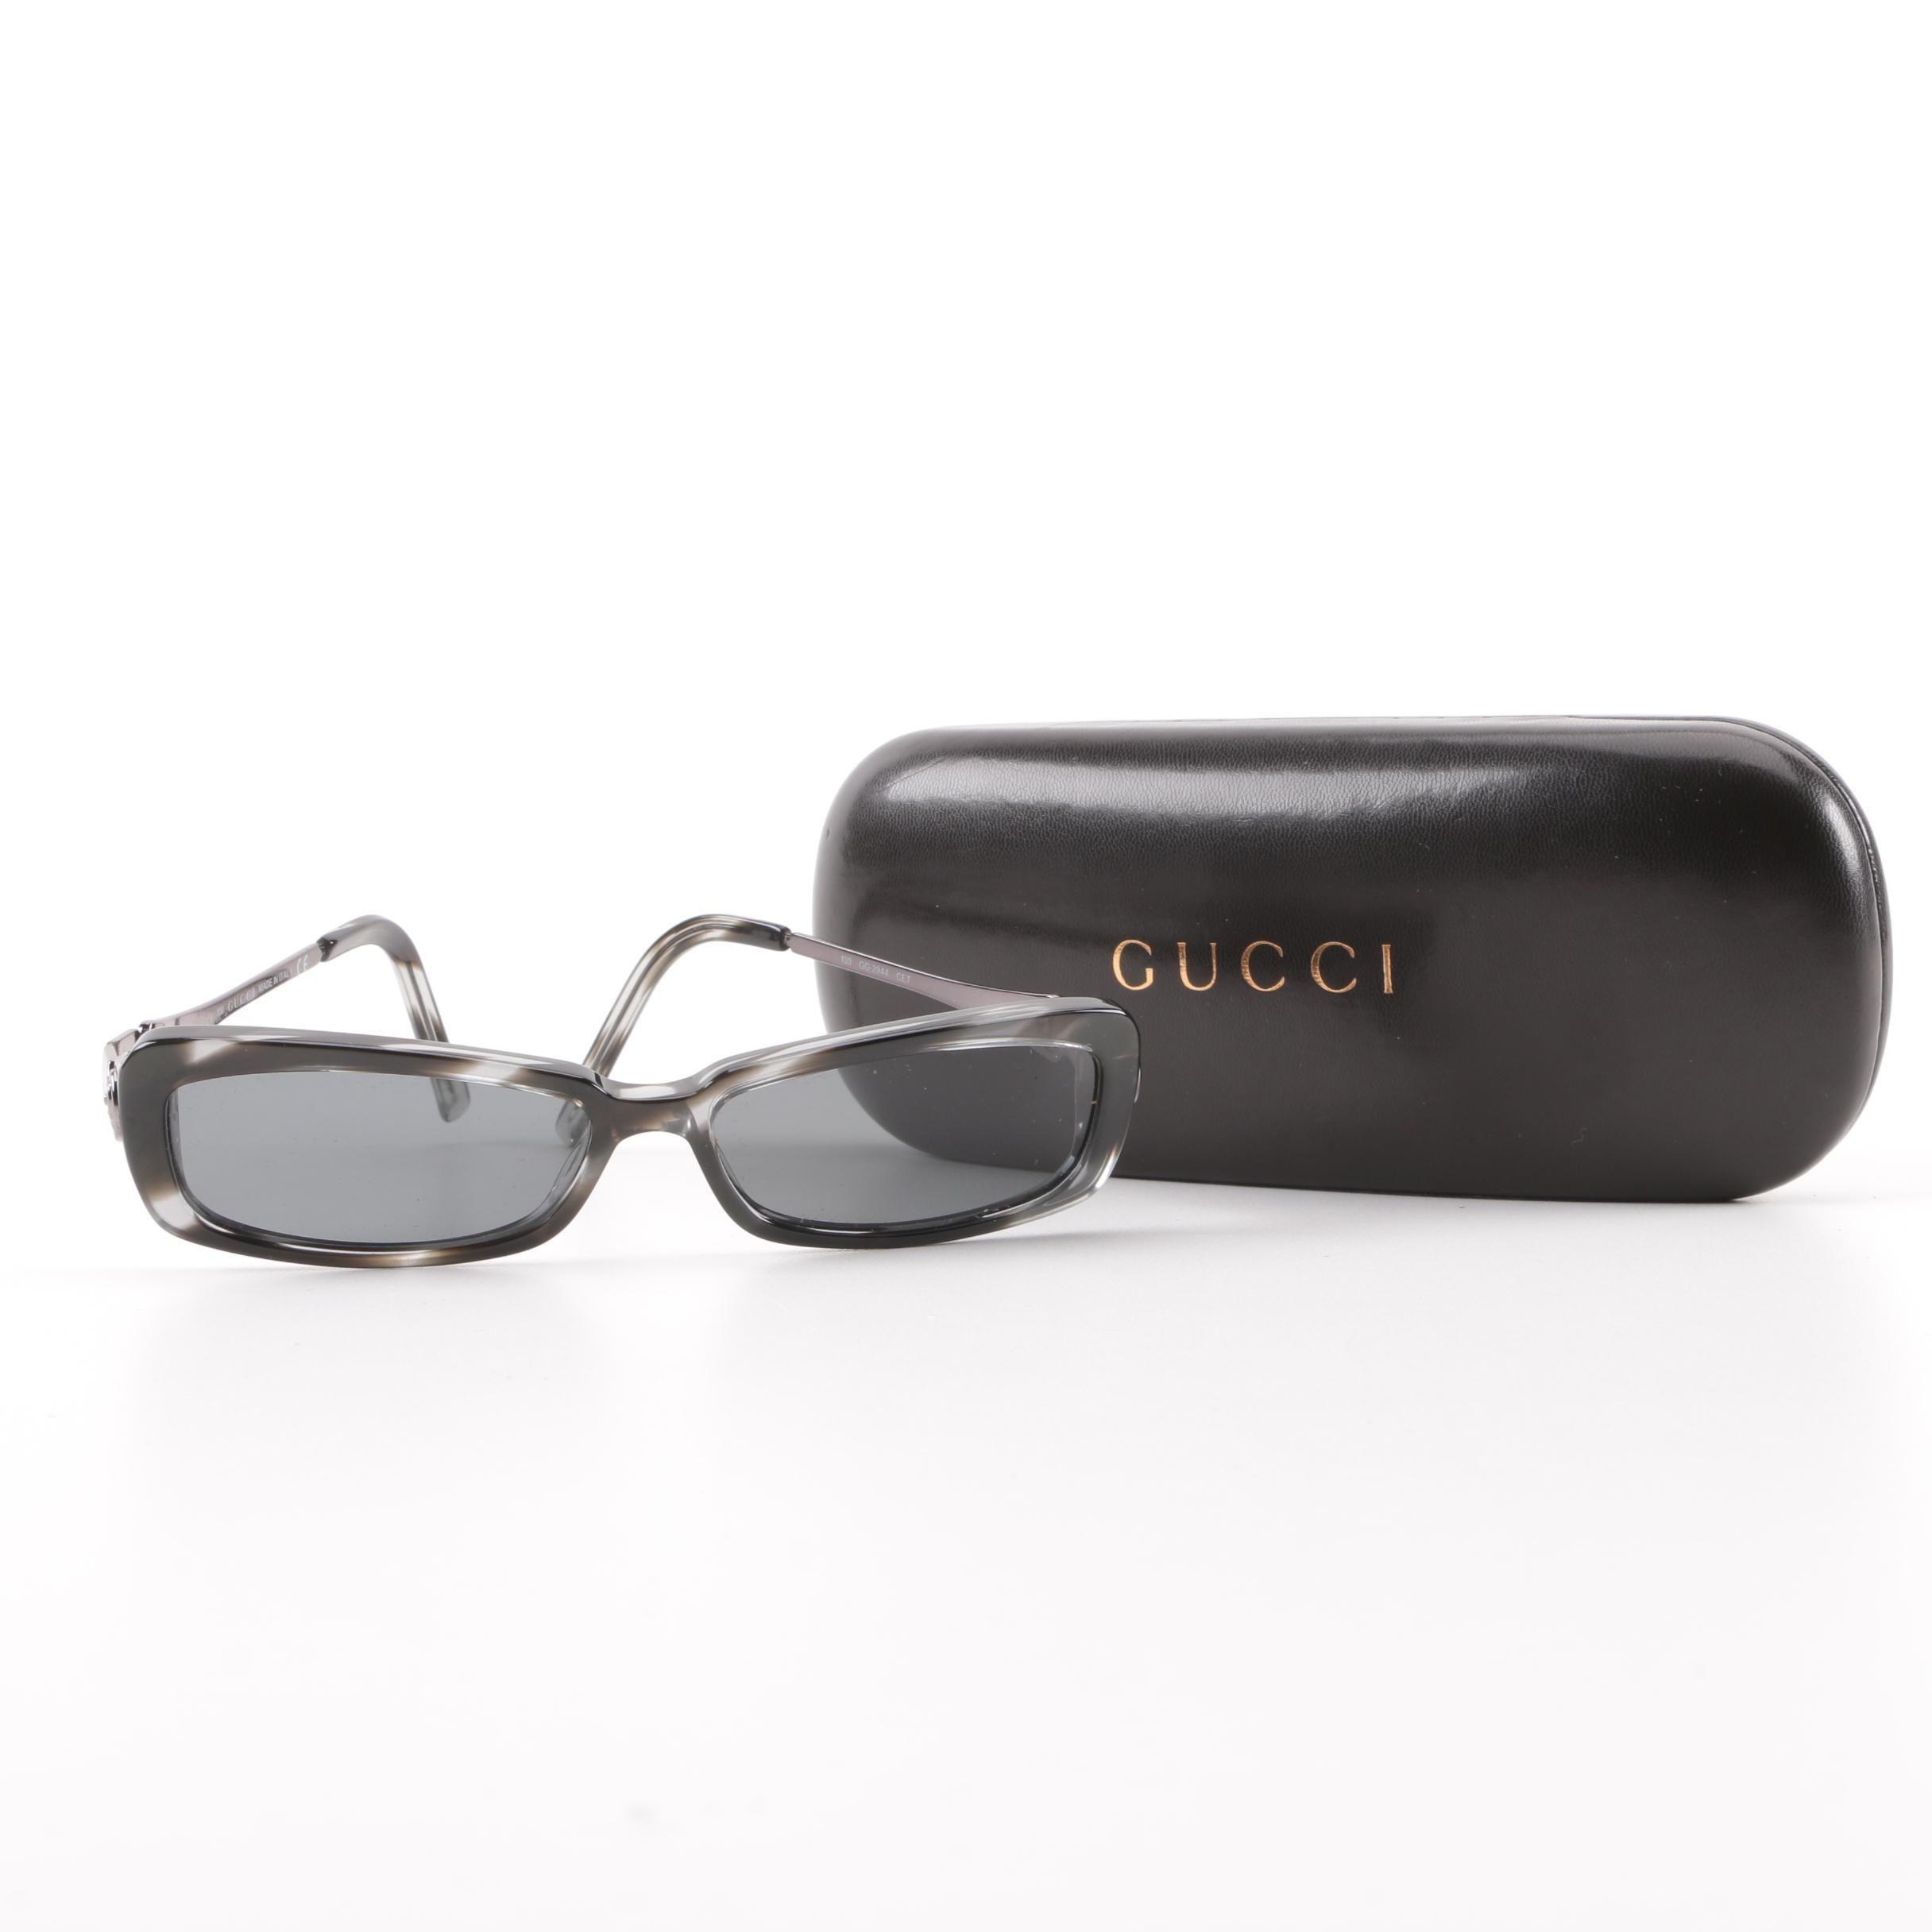 Gucci GG 2944 Polarized Prescription Sunglasses with Case